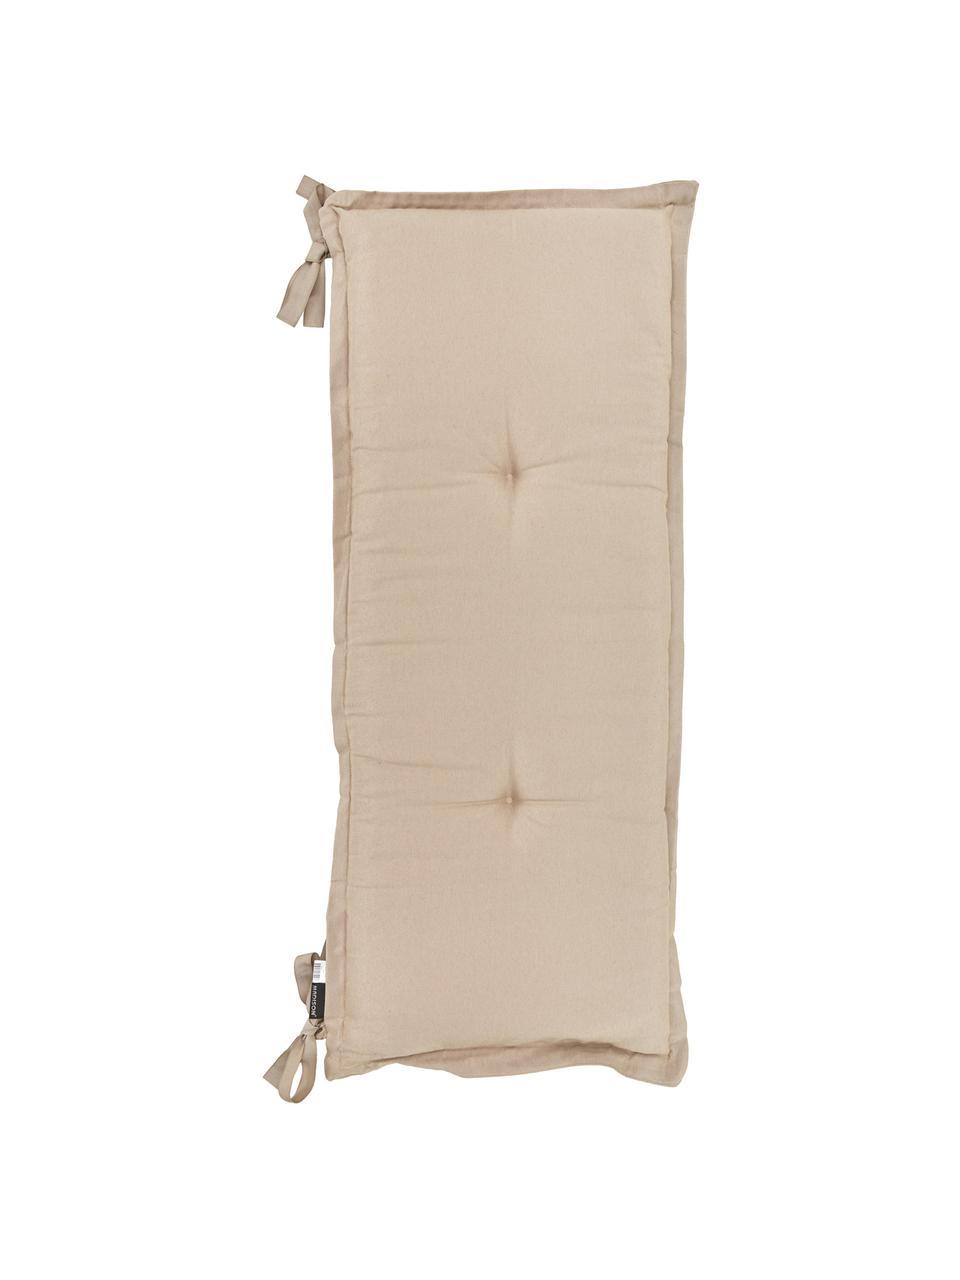 Poduszka na ławkę Panama, Tapicerka: 50% bawełna, 45% polieste, Odcienie piaskowego, S 48 x D 120 cm